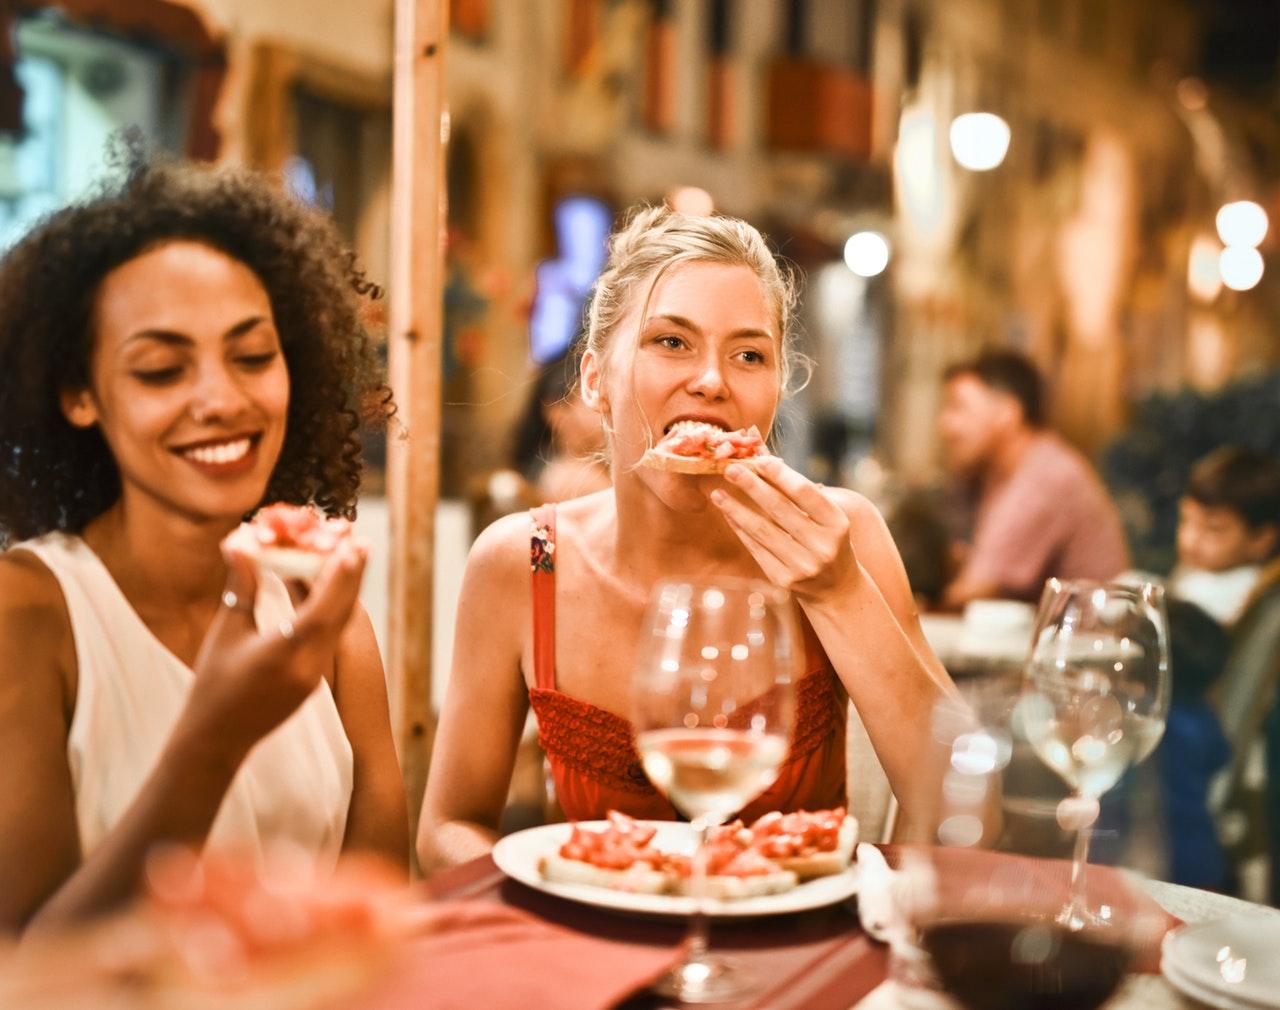 外食での節約方法について解説